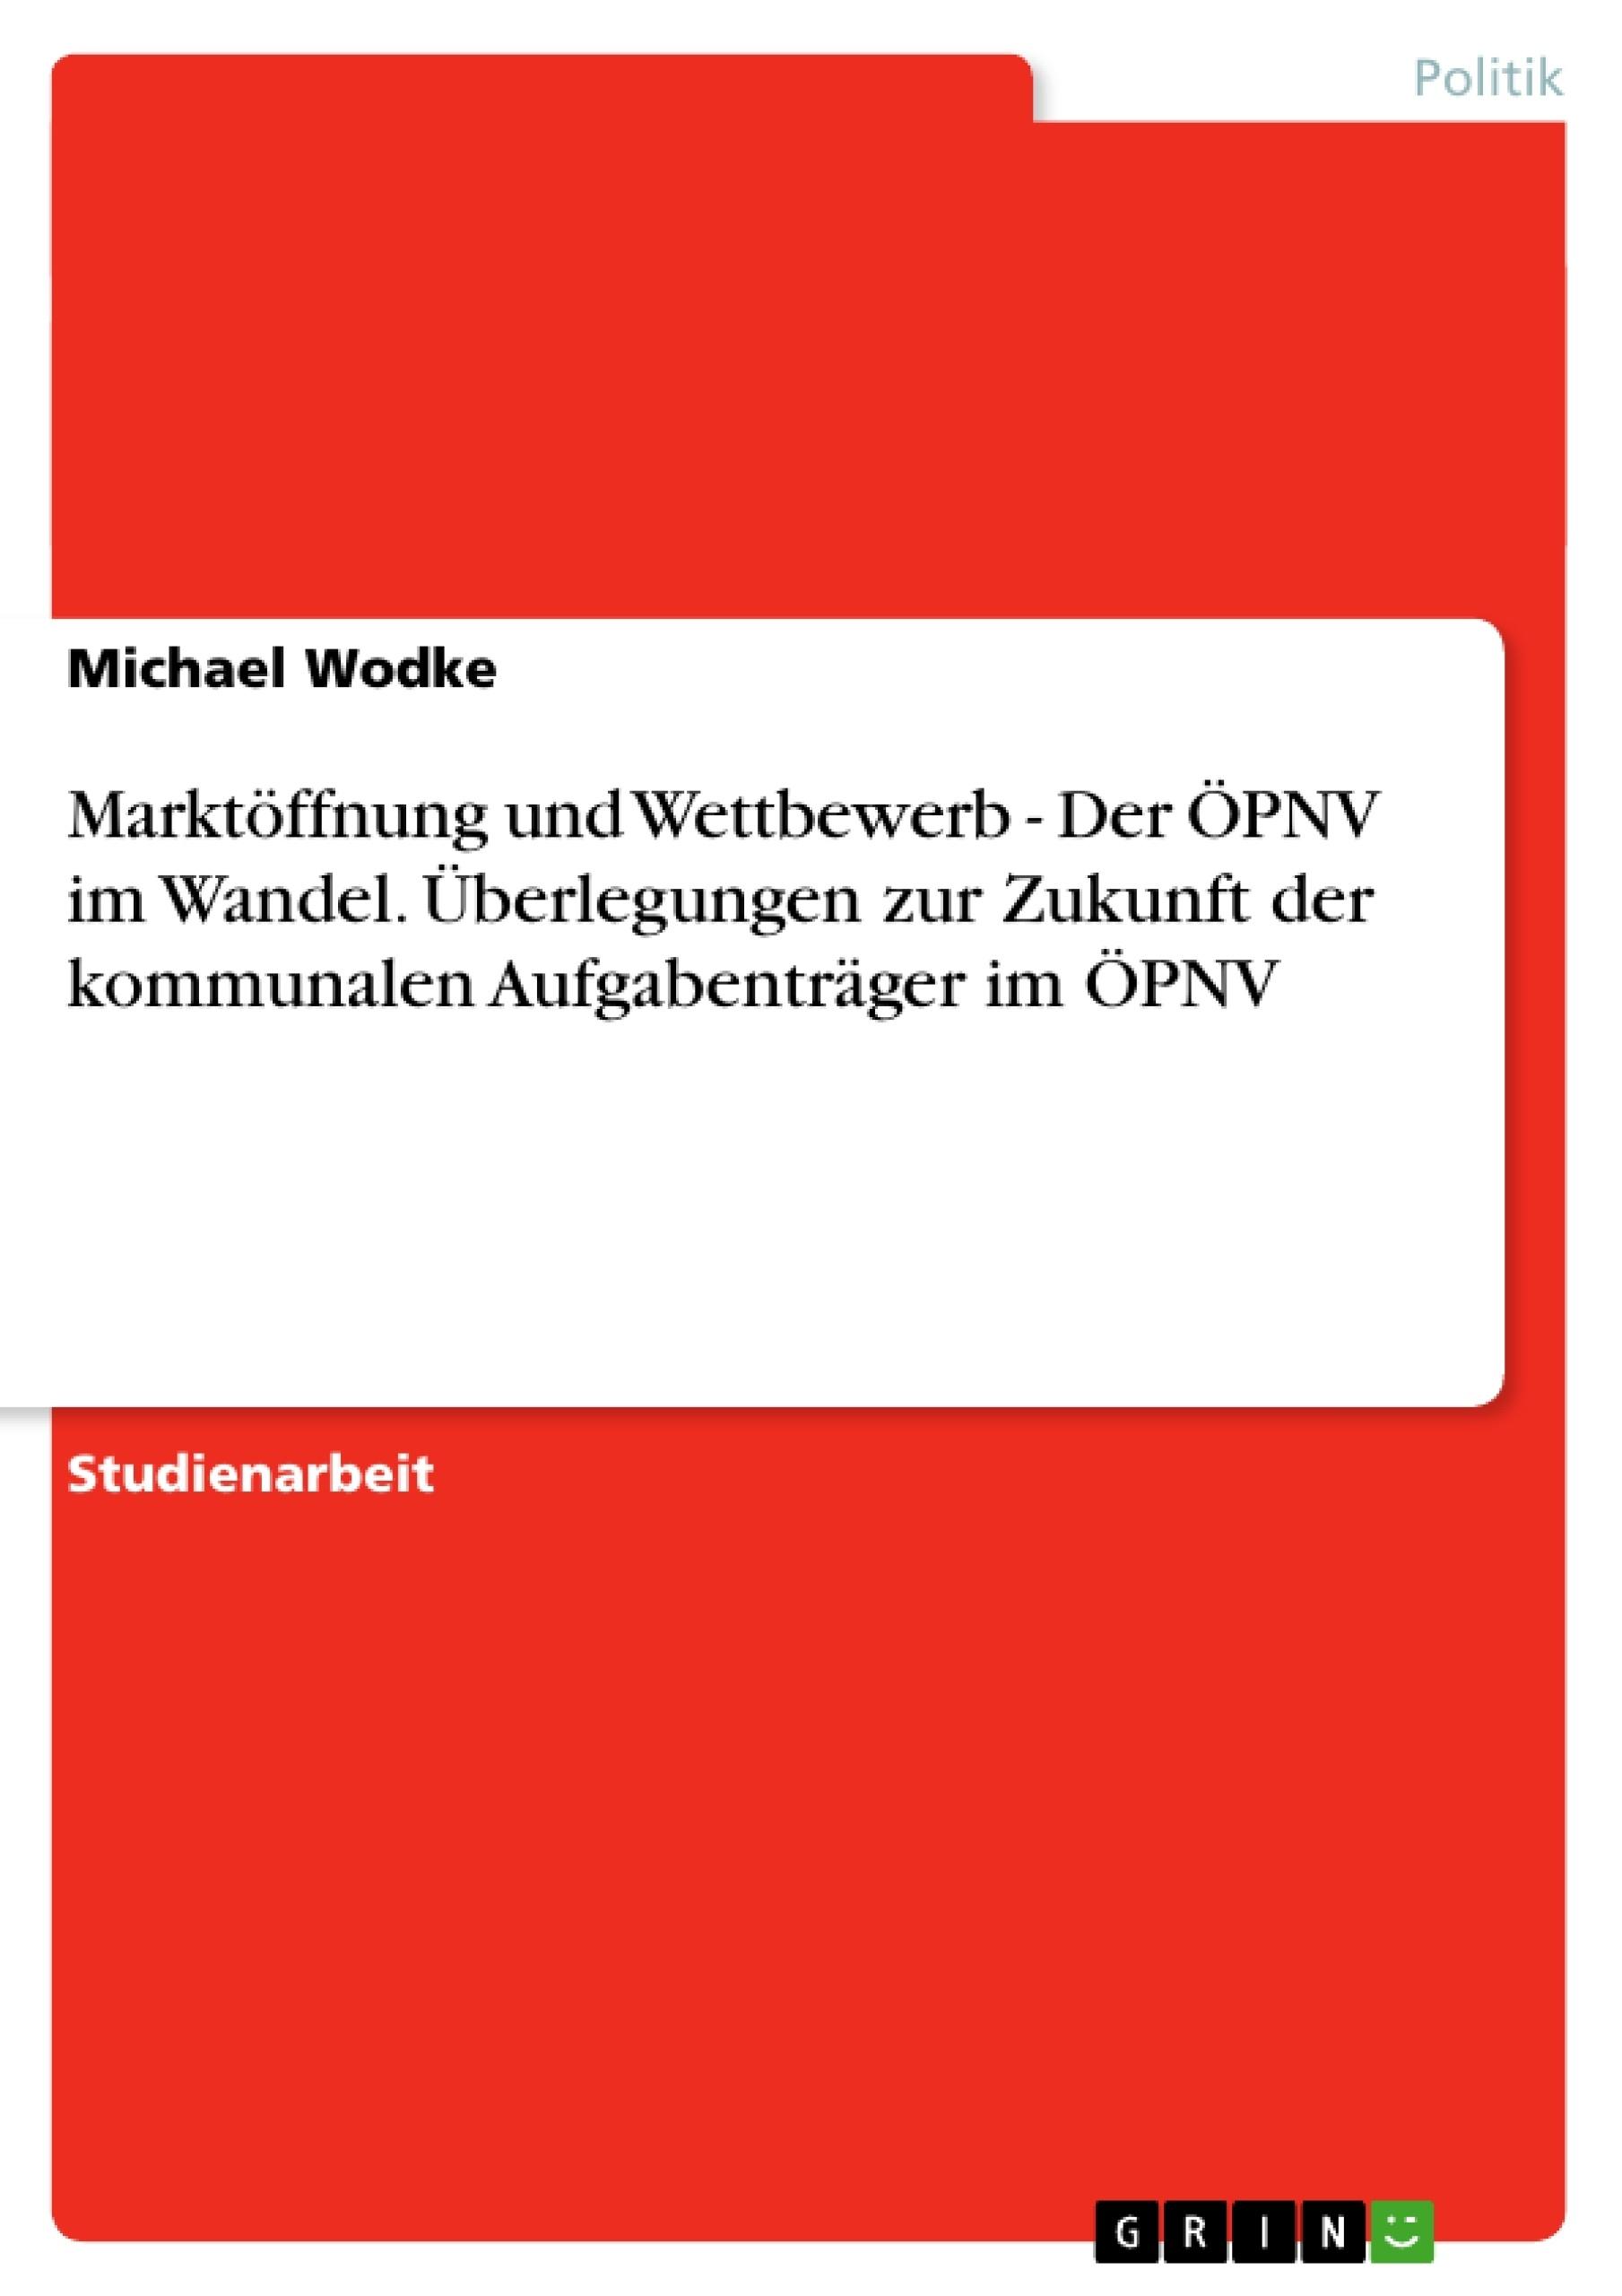 Titel: Marktöffnung und Wettbewerb - Der ÖPNV im Wandel. Überlegungen zur Zukunft der kommunalen Aufgabenträger im ÖPNV